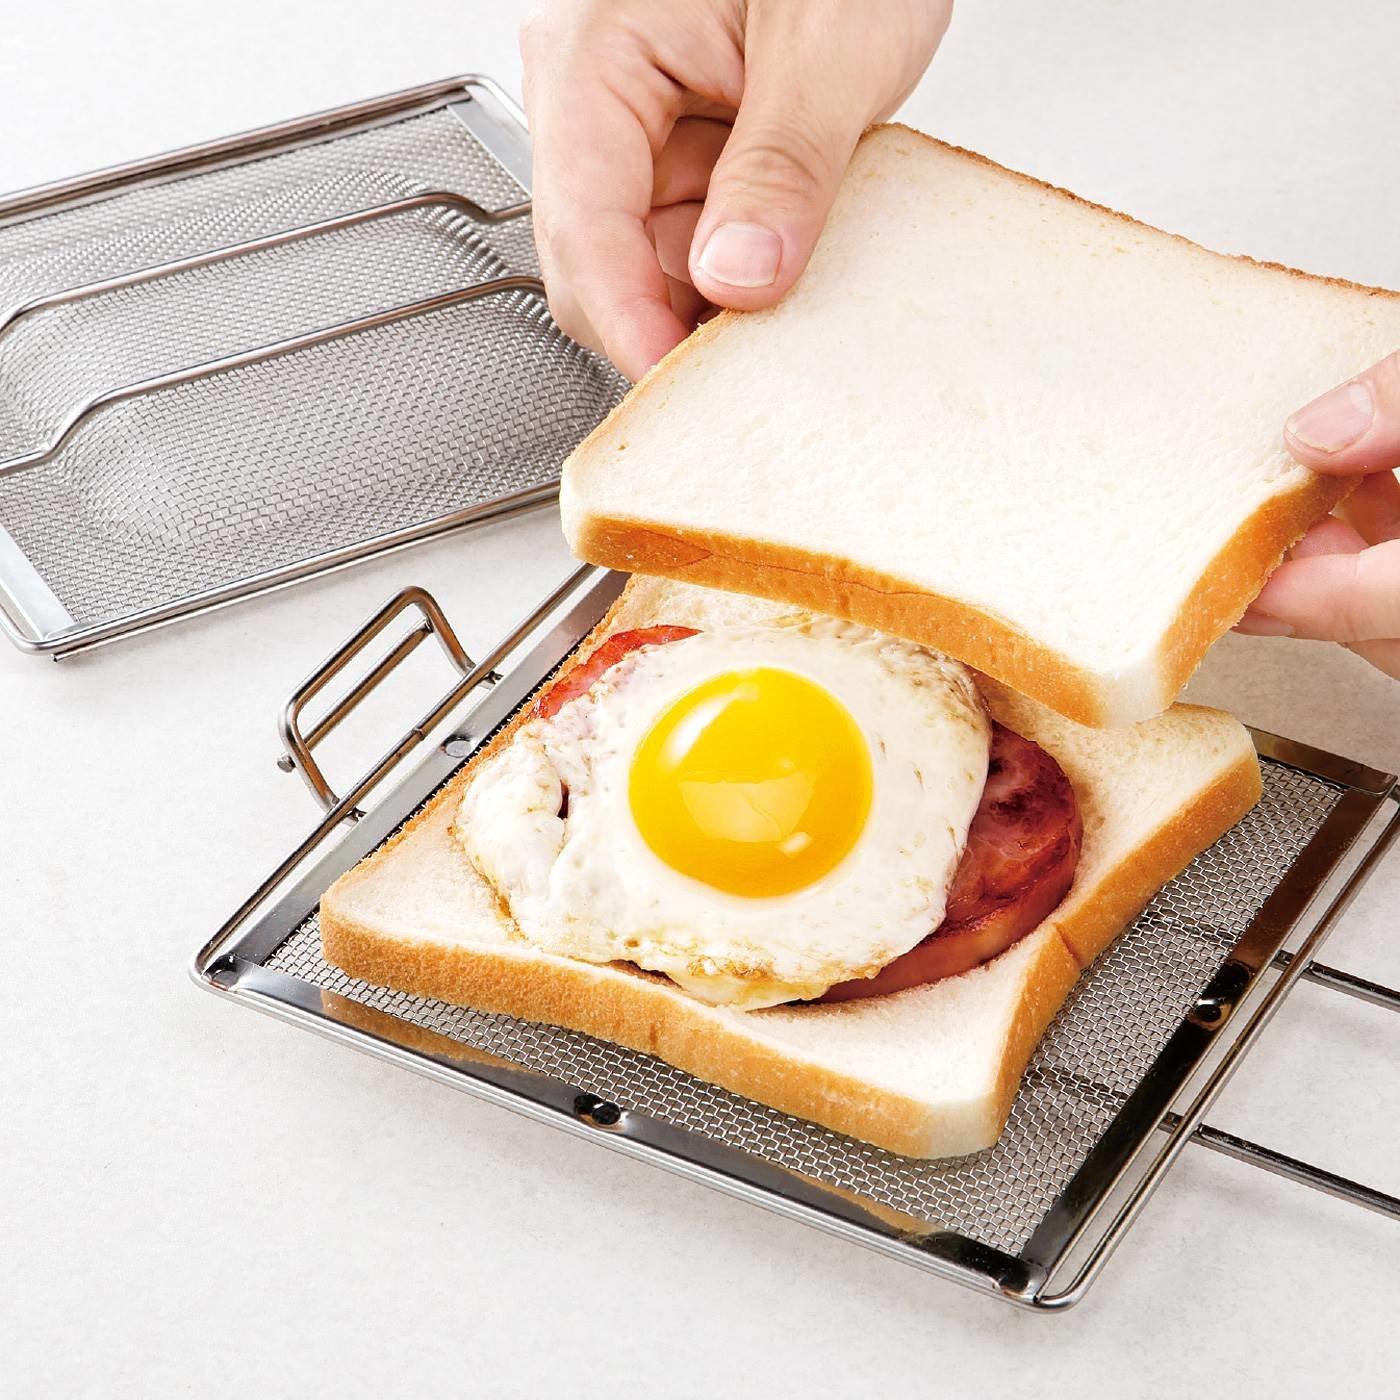 オーブントースターもグリルでも! 手軽に楽しめるホットサンドメーカー